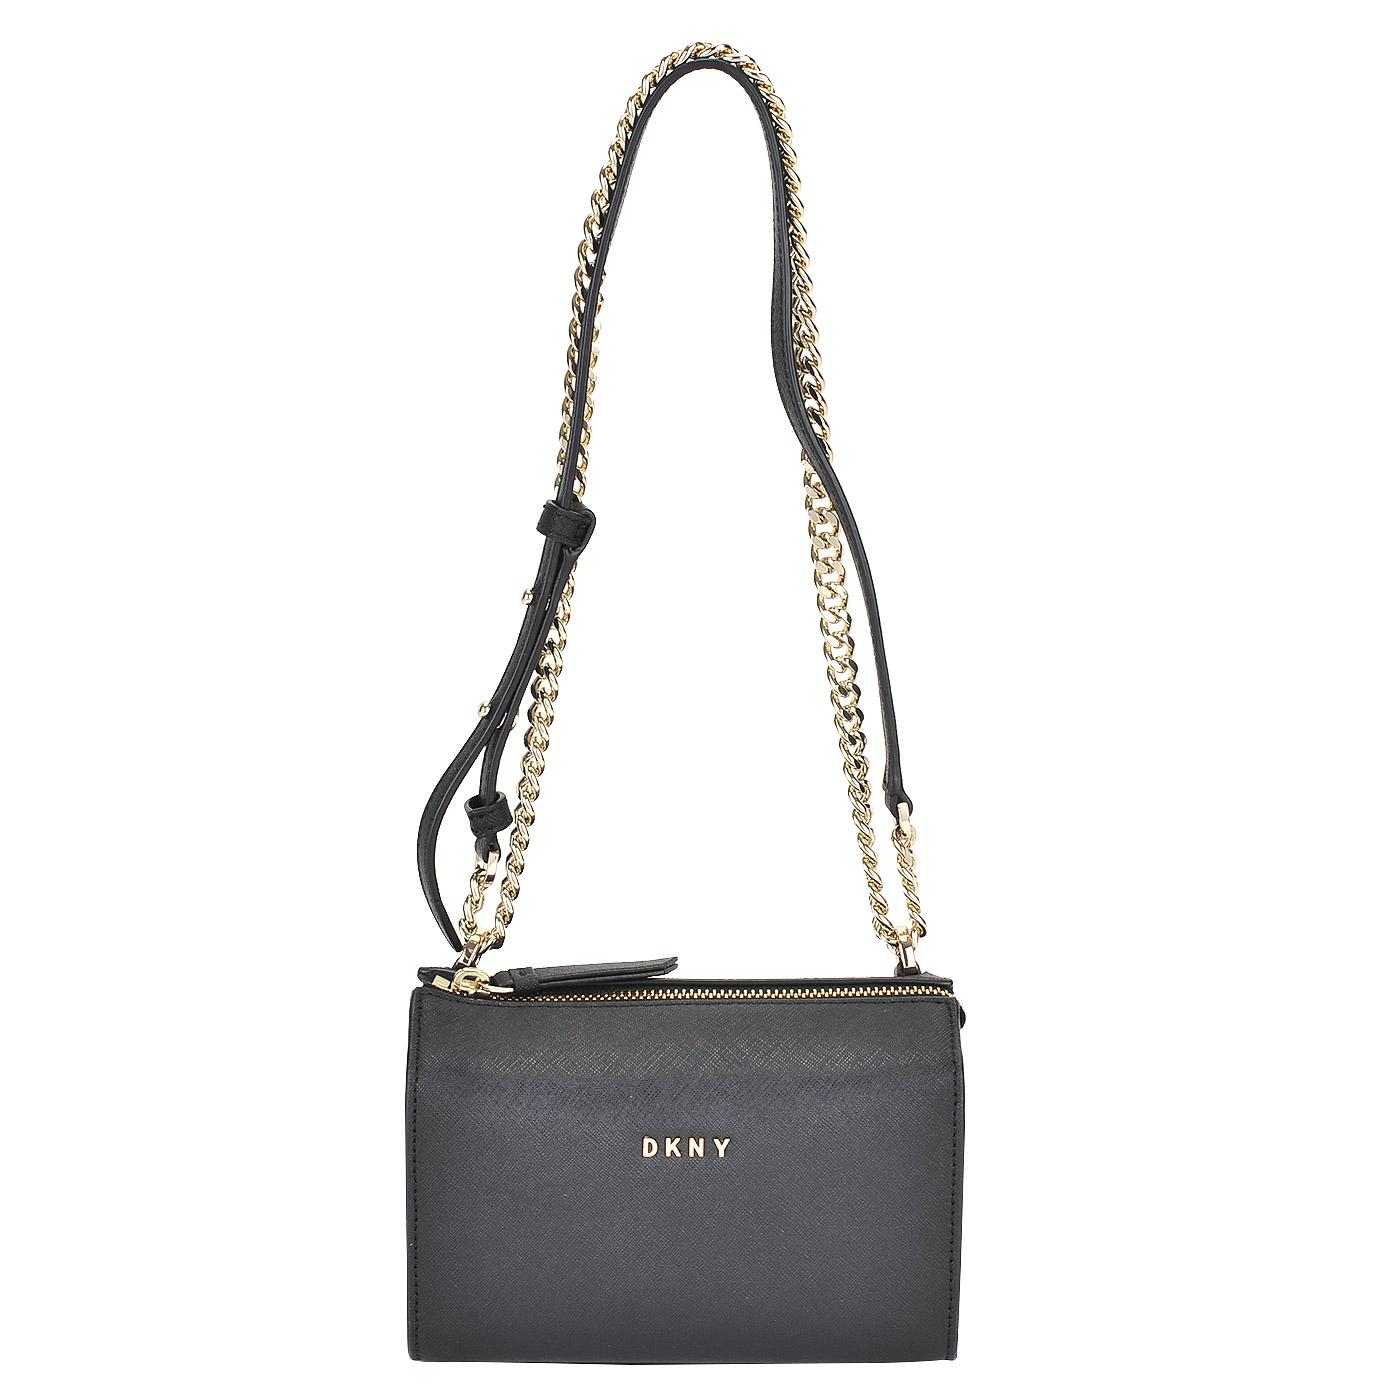 76d2f0462774 Женская кожаная сумка через плечо DKNY Saffiano R361140204-001 ...